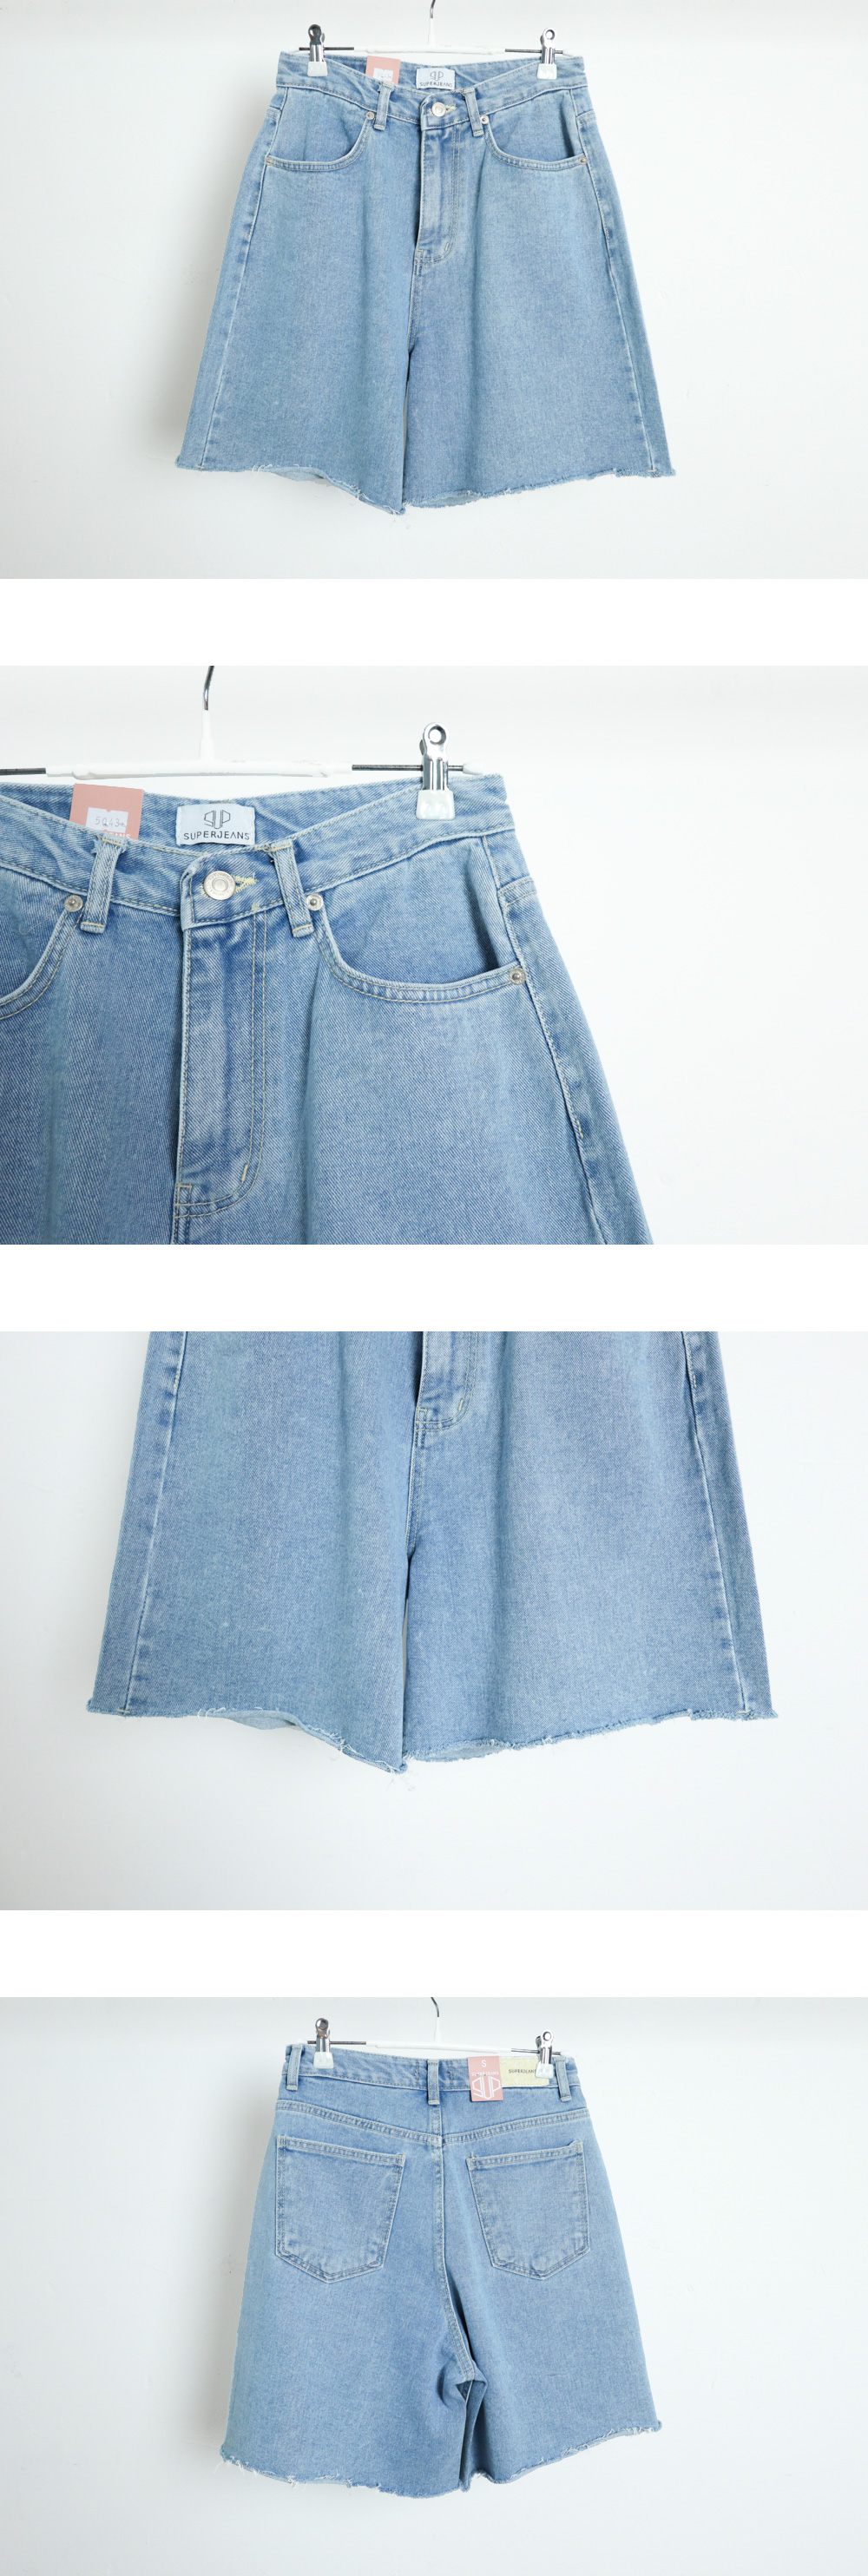 5043 wide 5 part denim shorts